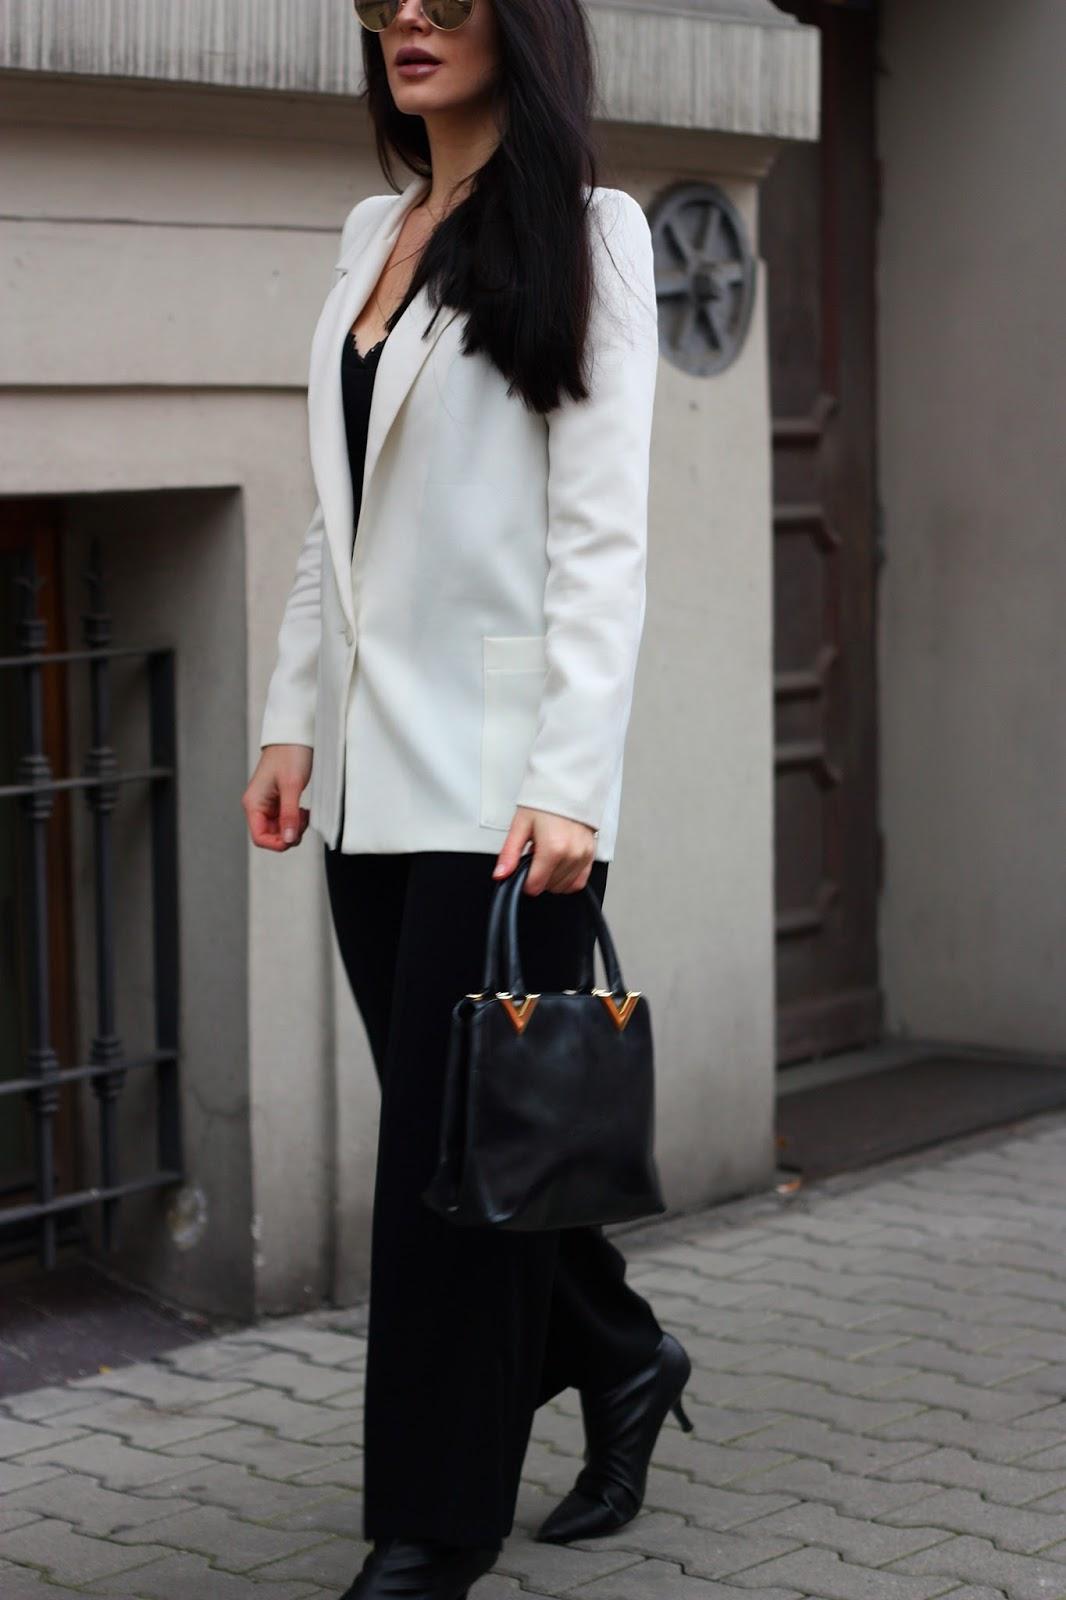 biała marynarka stylizacje, biała marynarka zara, biały żakiet stylizacje, eleganckie stylizacje